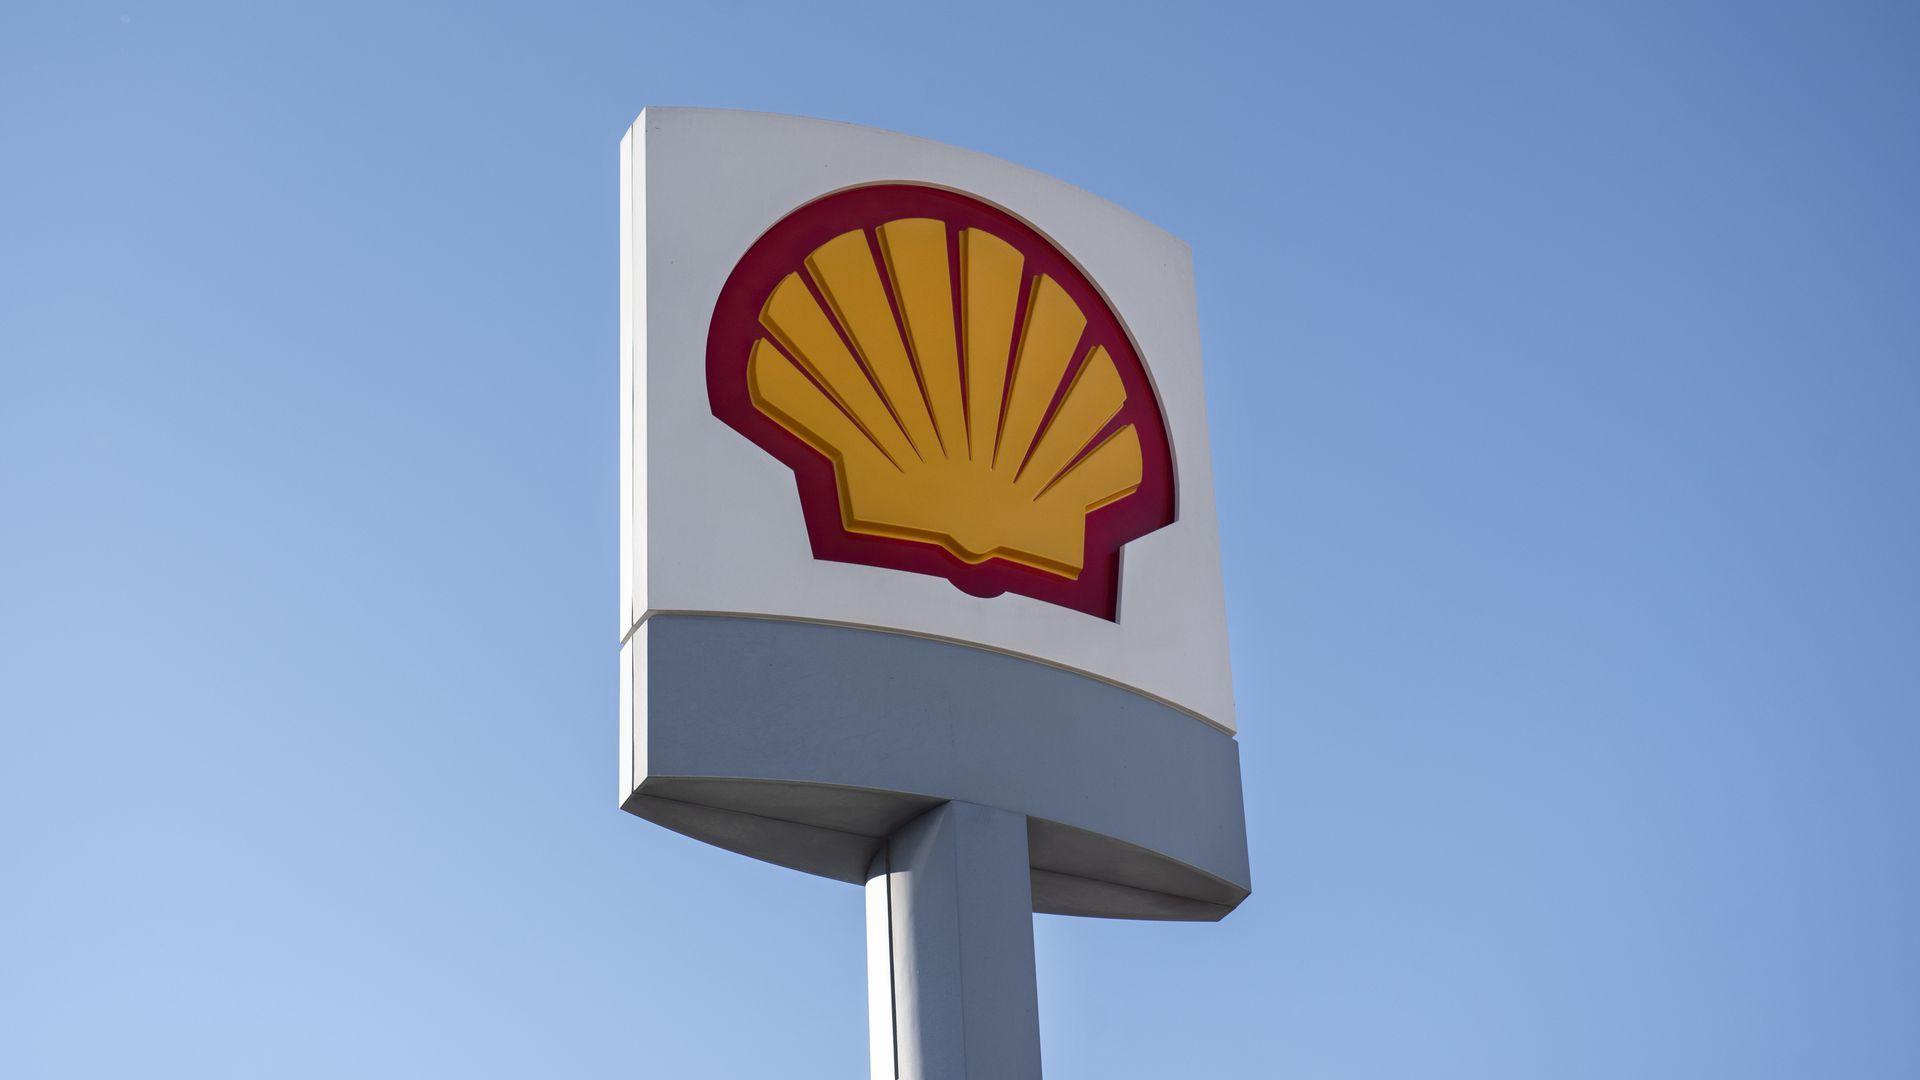 Photo of Shell logo